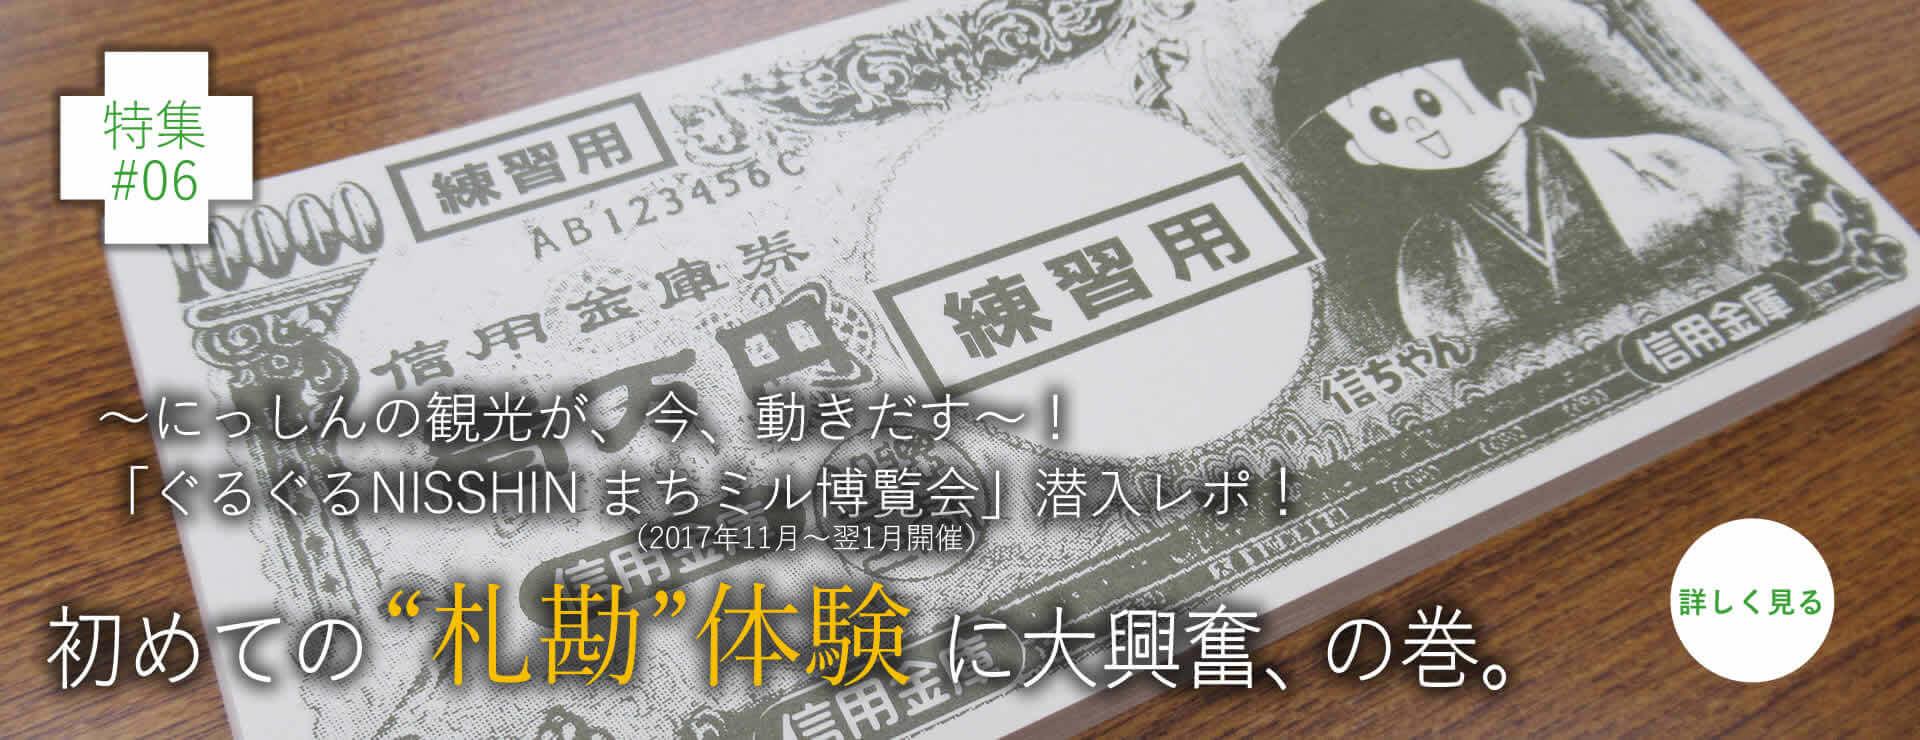 """「ぐるぐるNISSHIN まちミル博覧会」潜入レポ!初めての""""札勘""""体験に大興奮"""